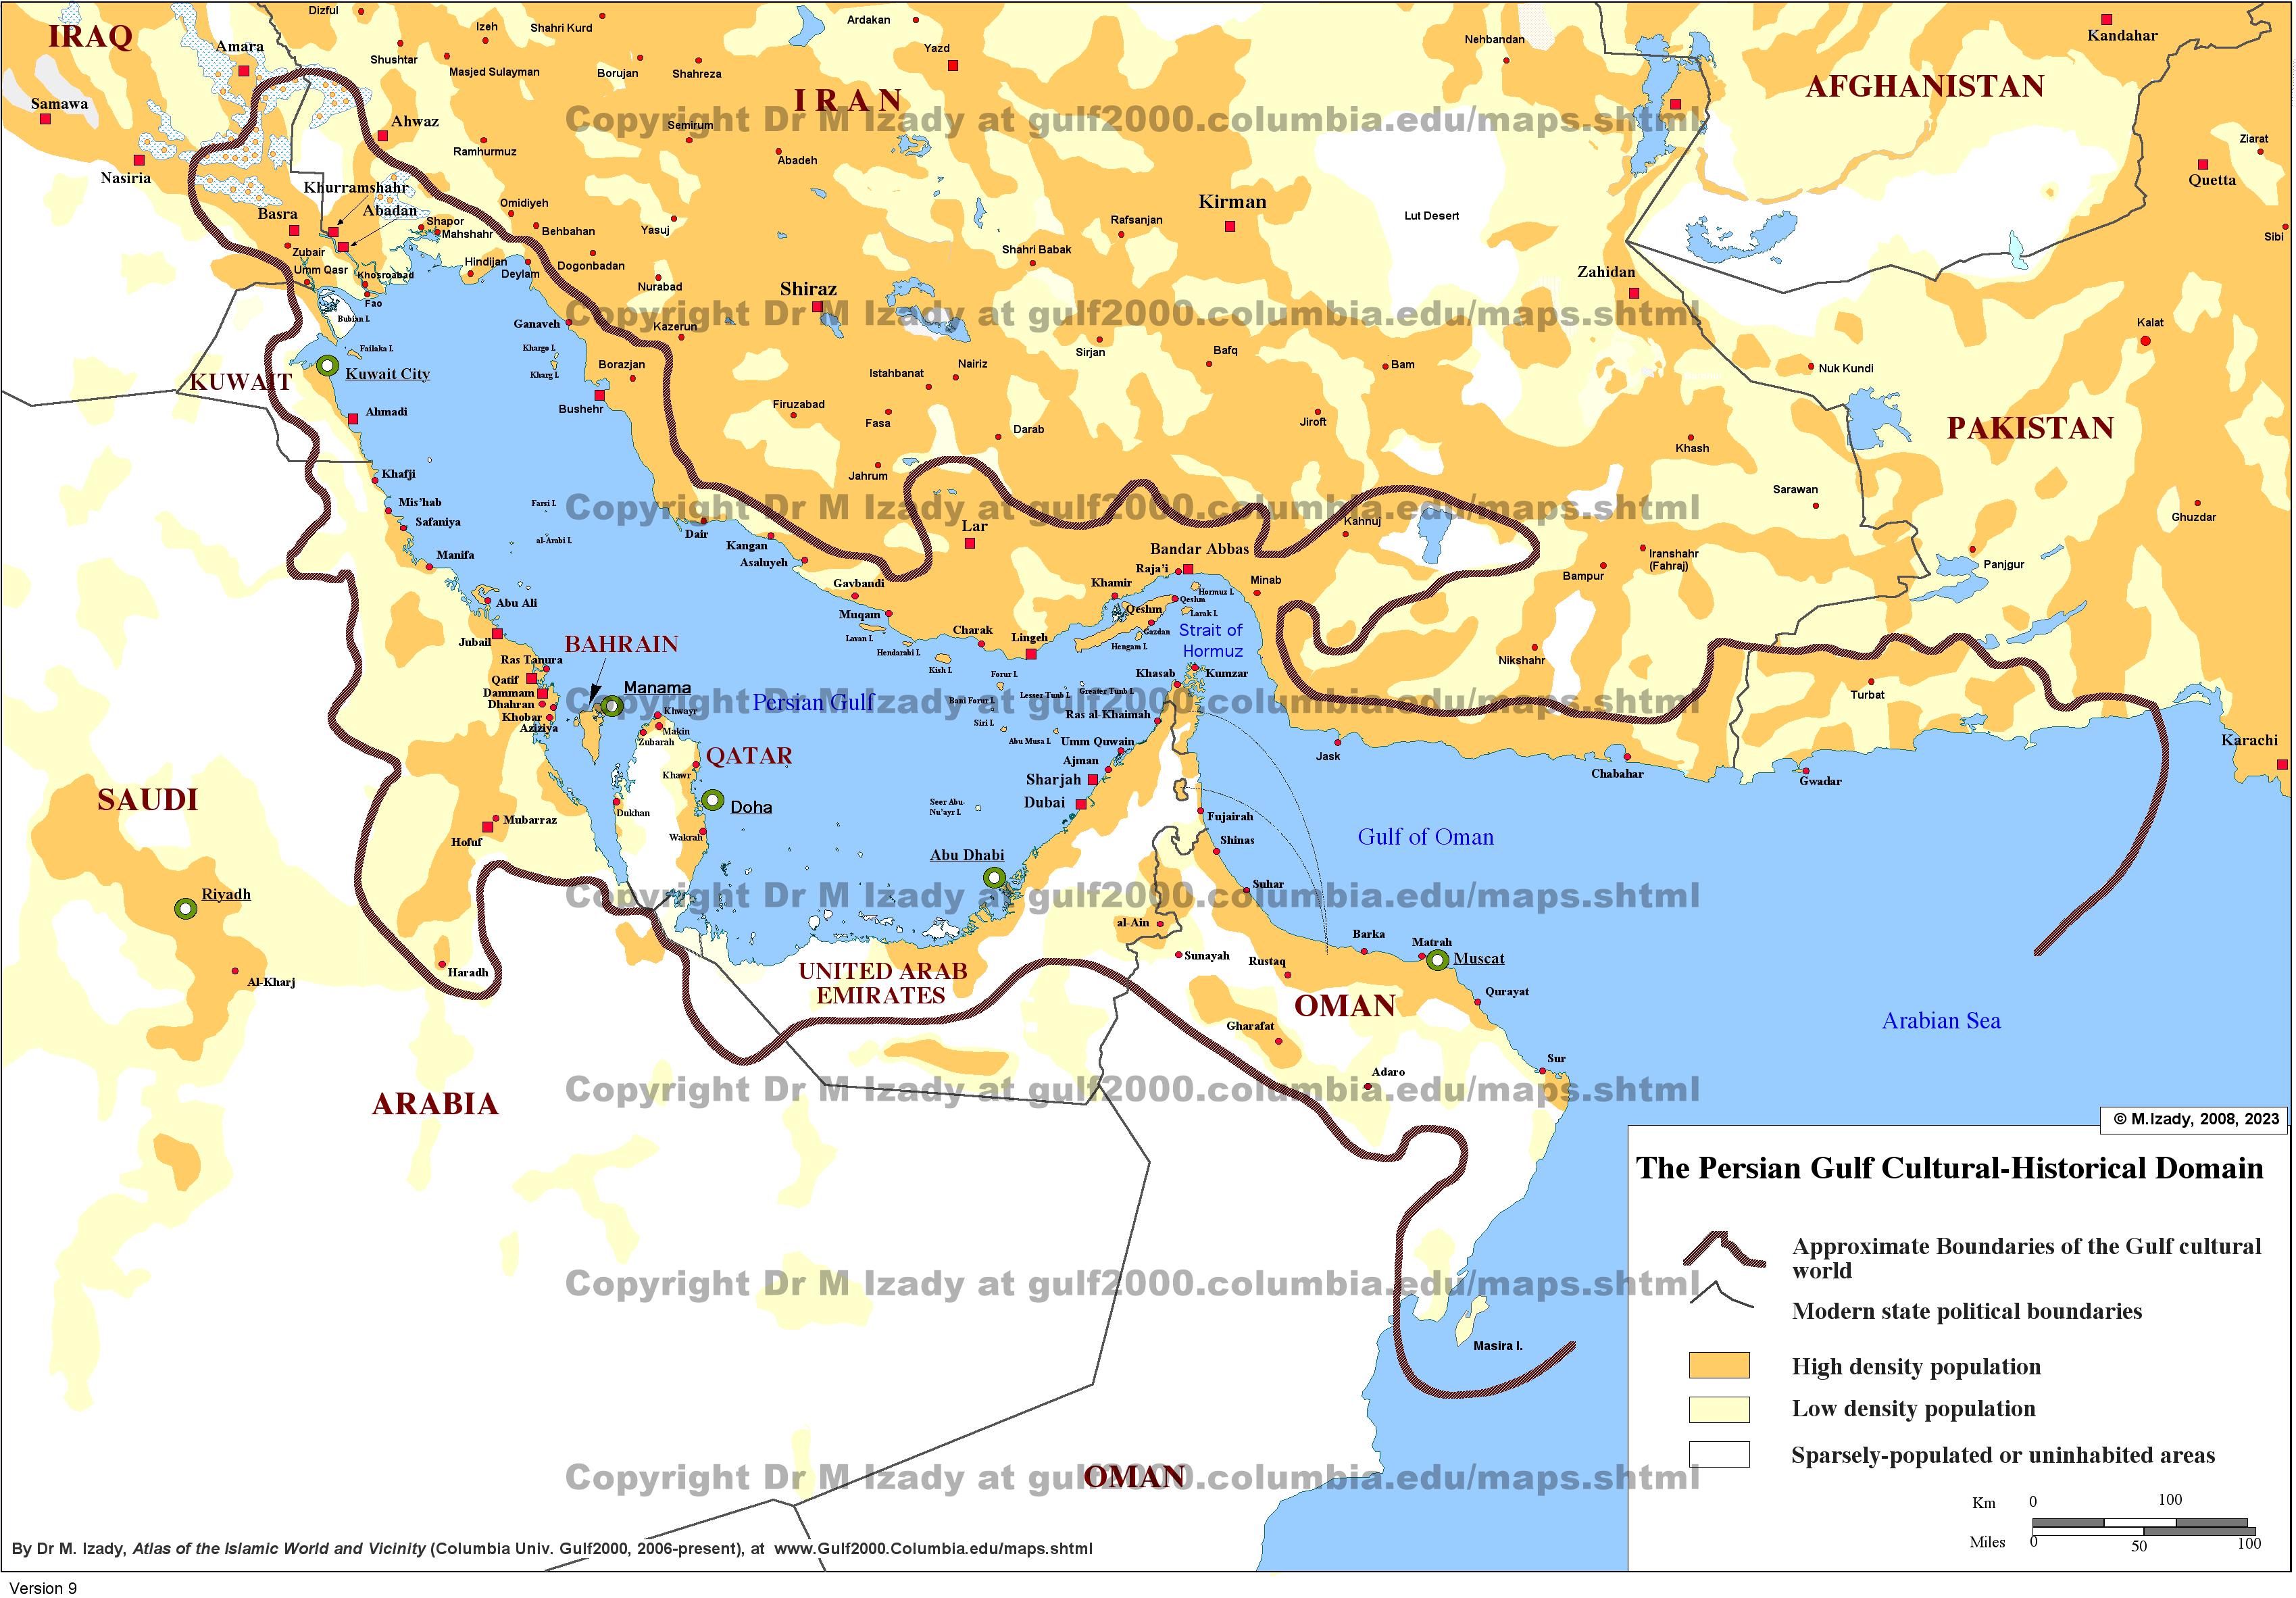 Opinions on Persian Gulf